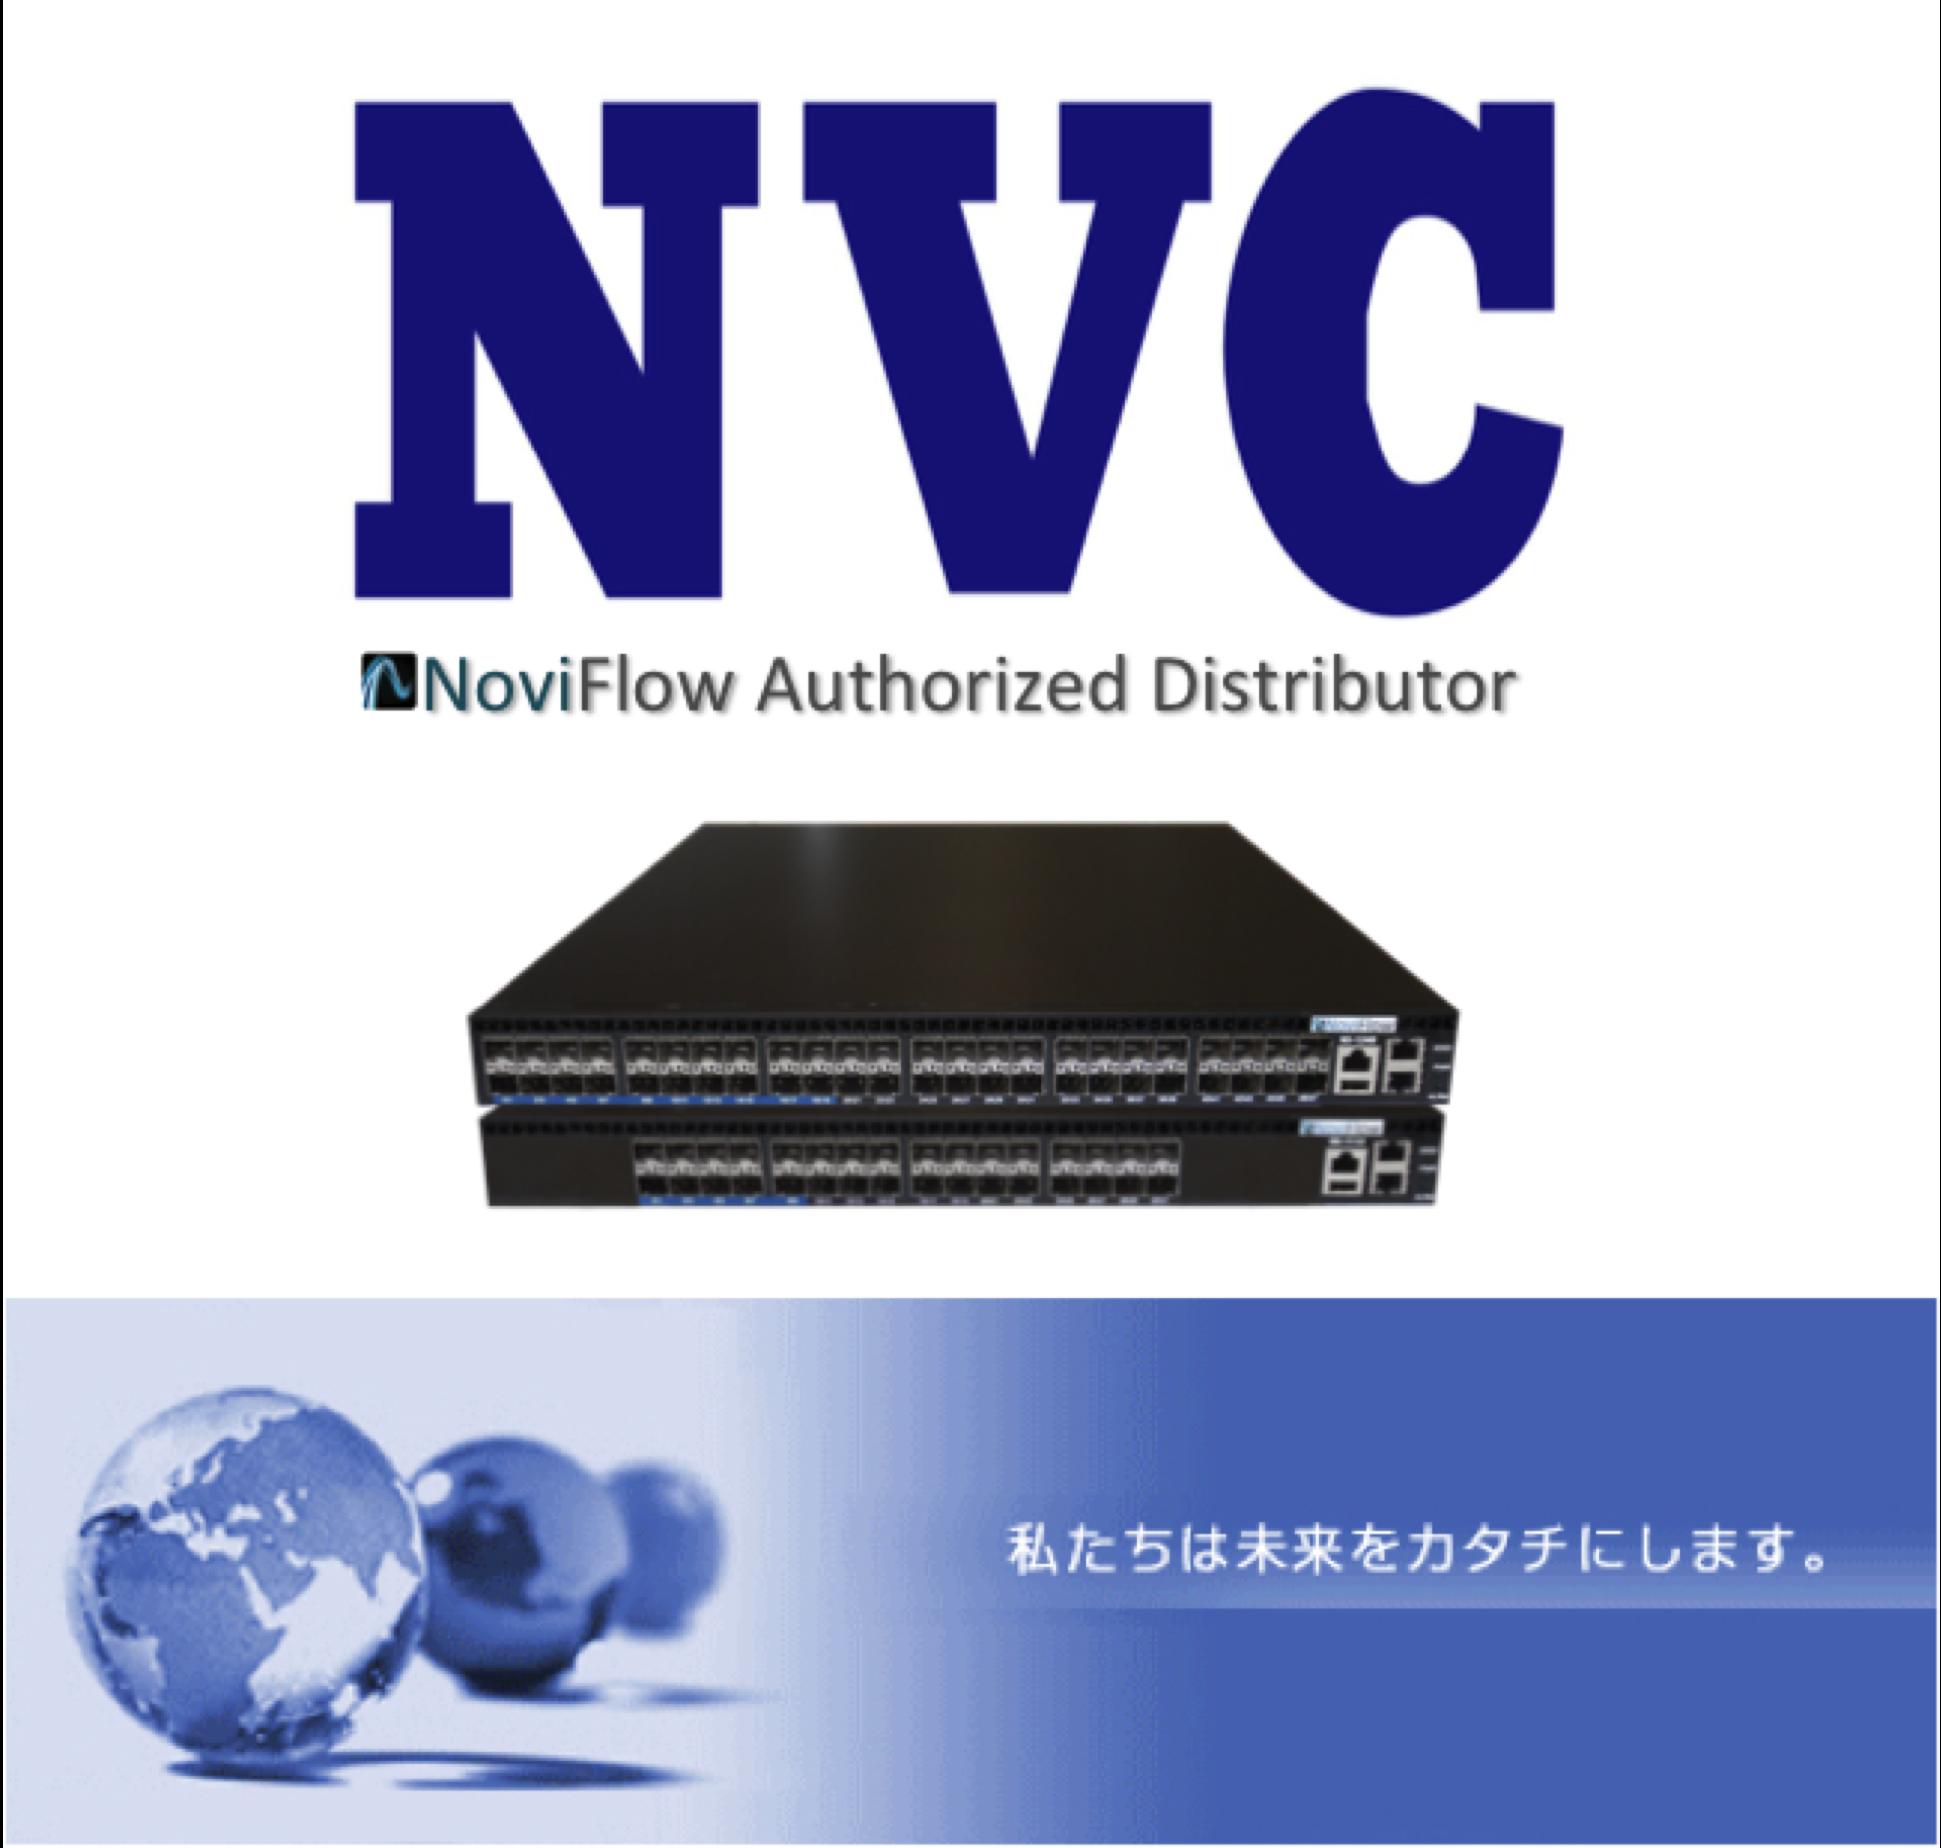 NVCSplashPagev3